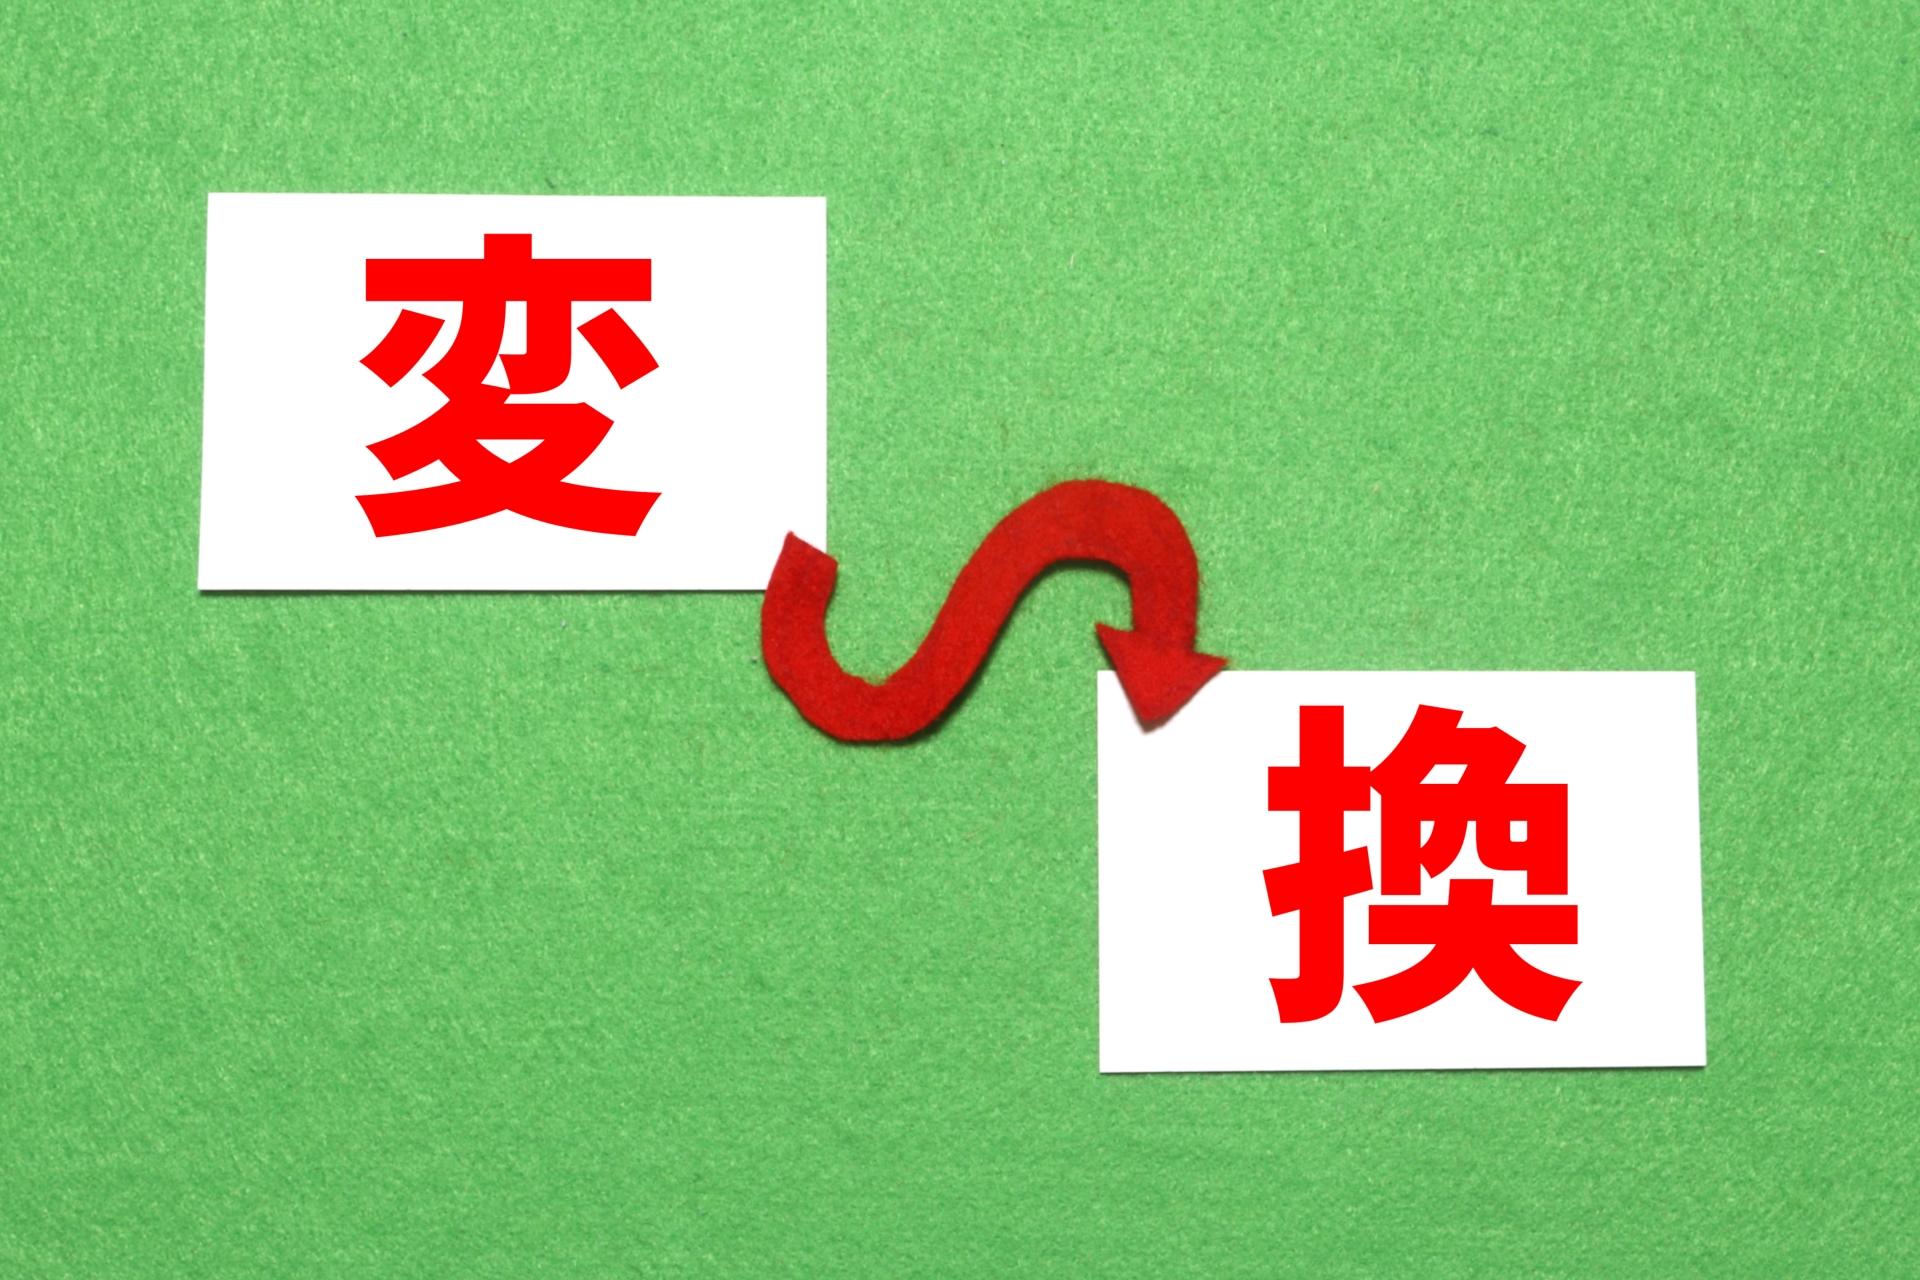 漢字の変換候補をもっと多く表示させたい